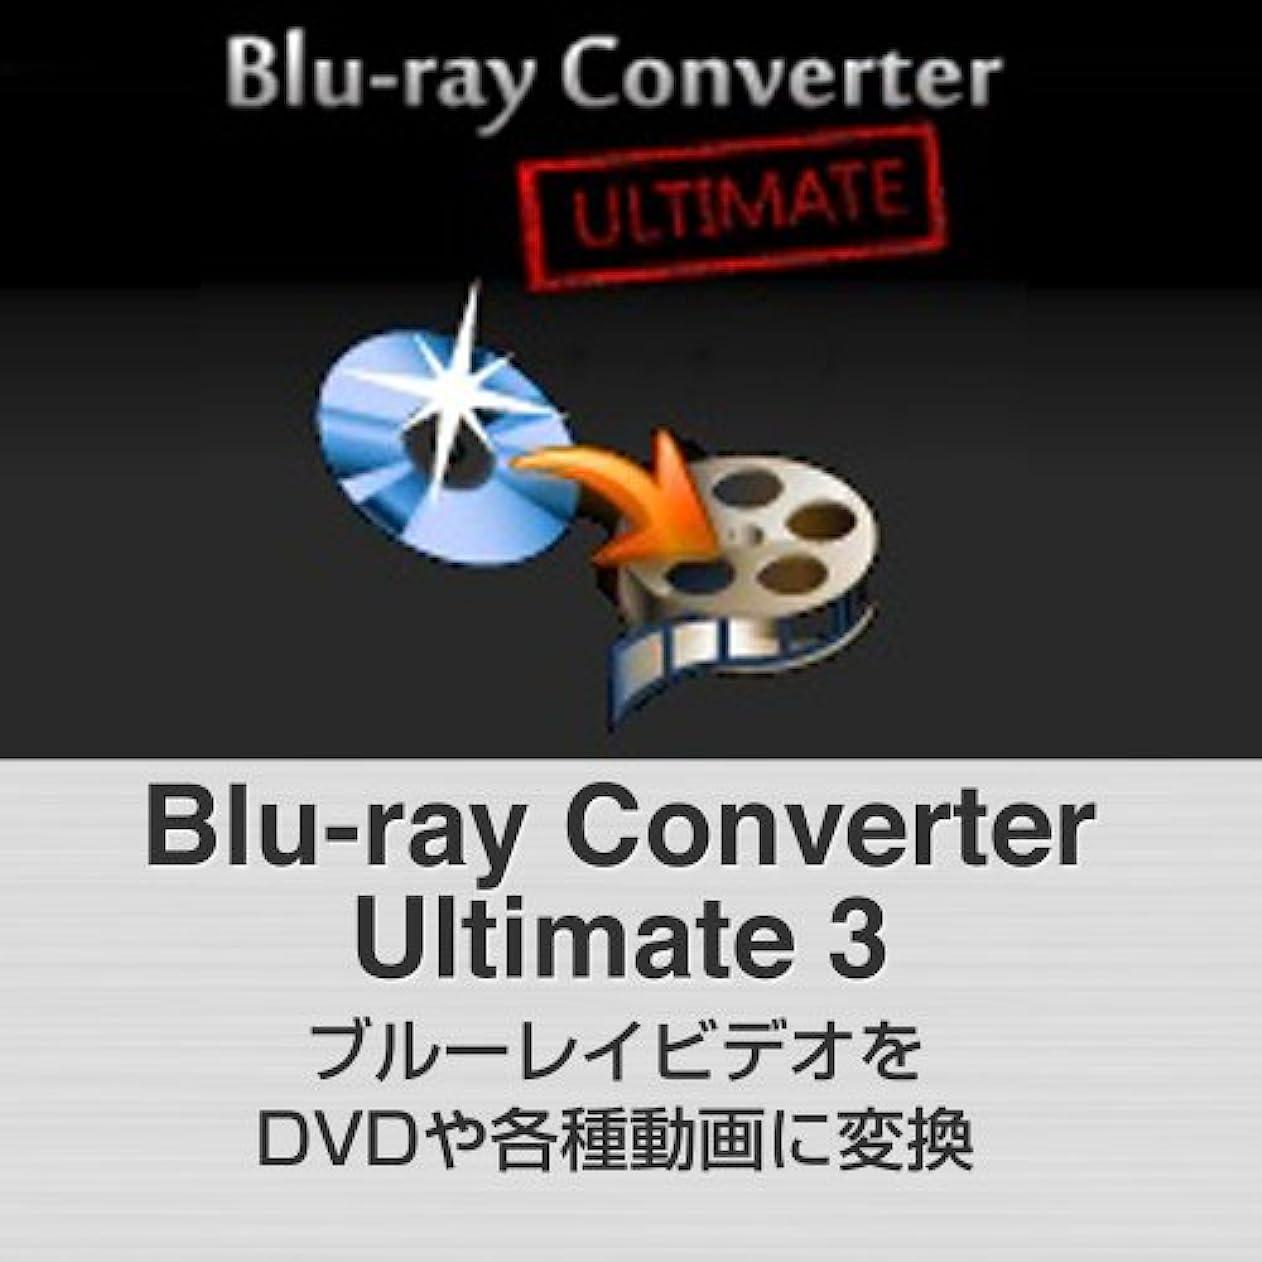 利得上陸道に迷いましたBlu-ray Converter Ultimate 3 (ダウンロード版) [ダウンロード]